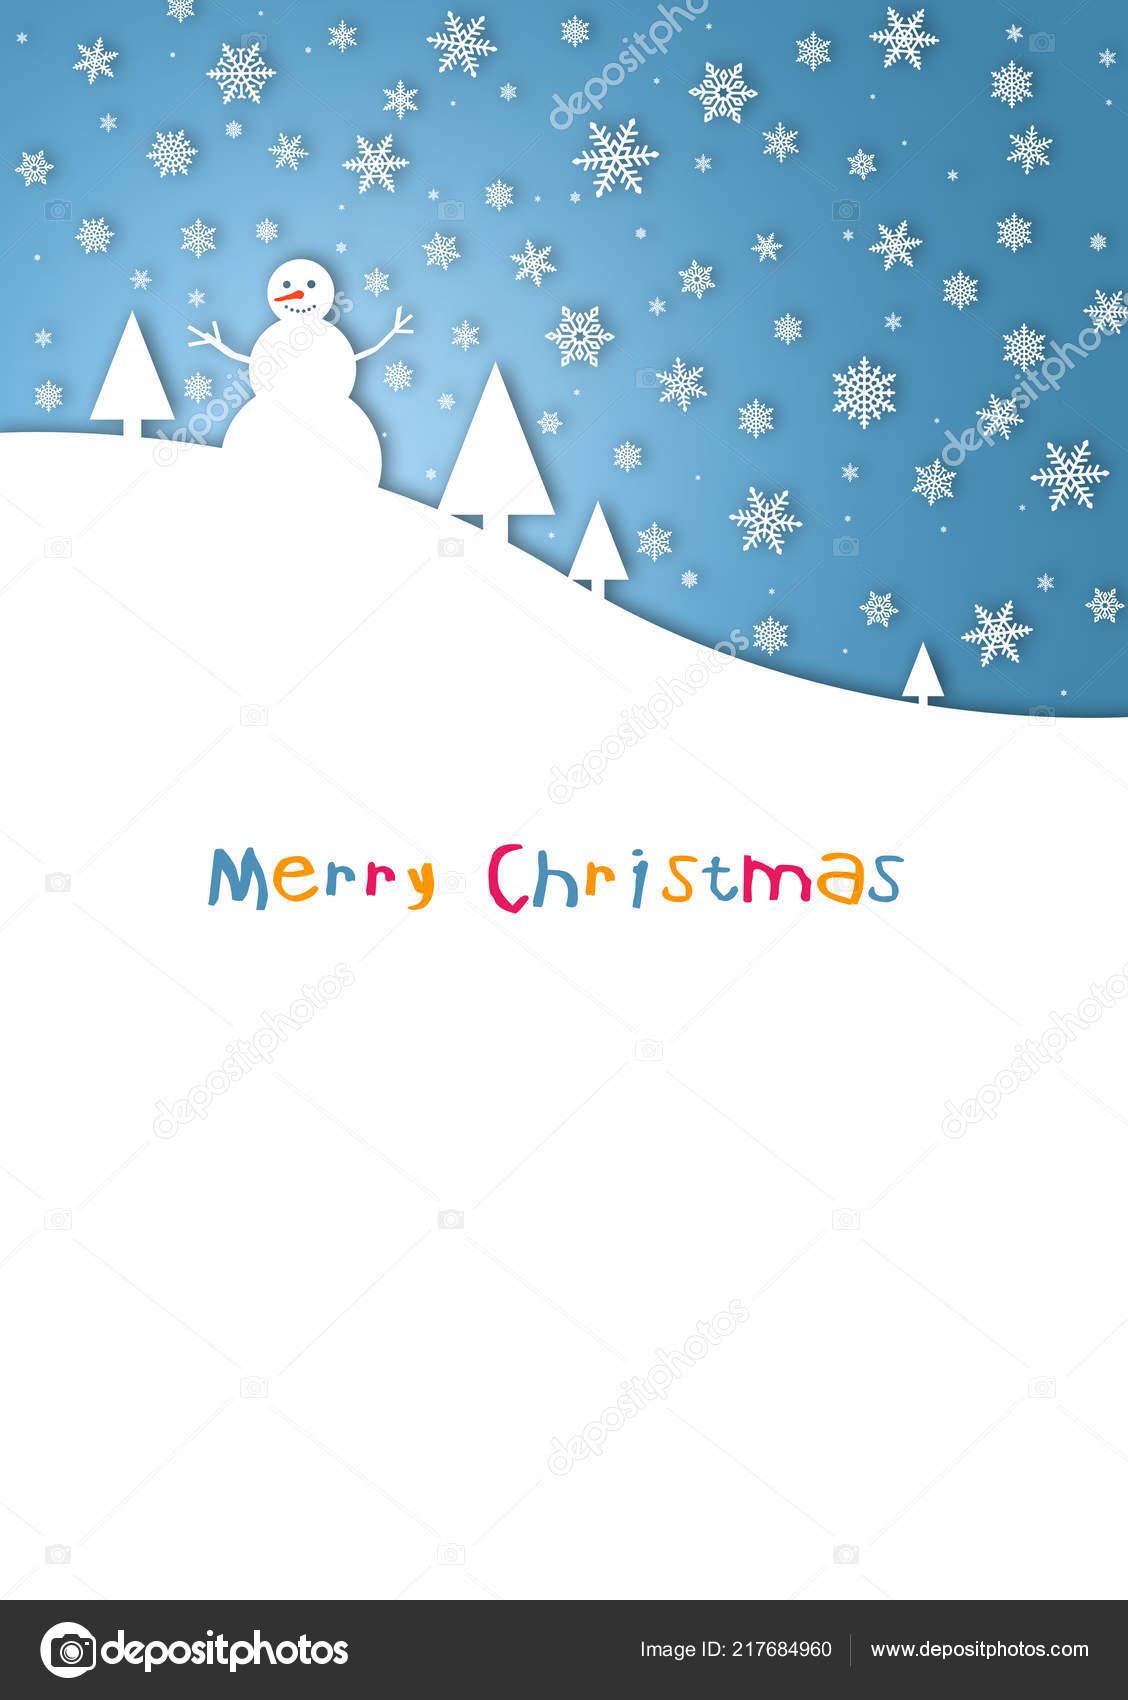 aff158b76e5bd Feliz Navidad Tarjeta Niño Con Muñeco Nieve Colores — Foto de stock ...